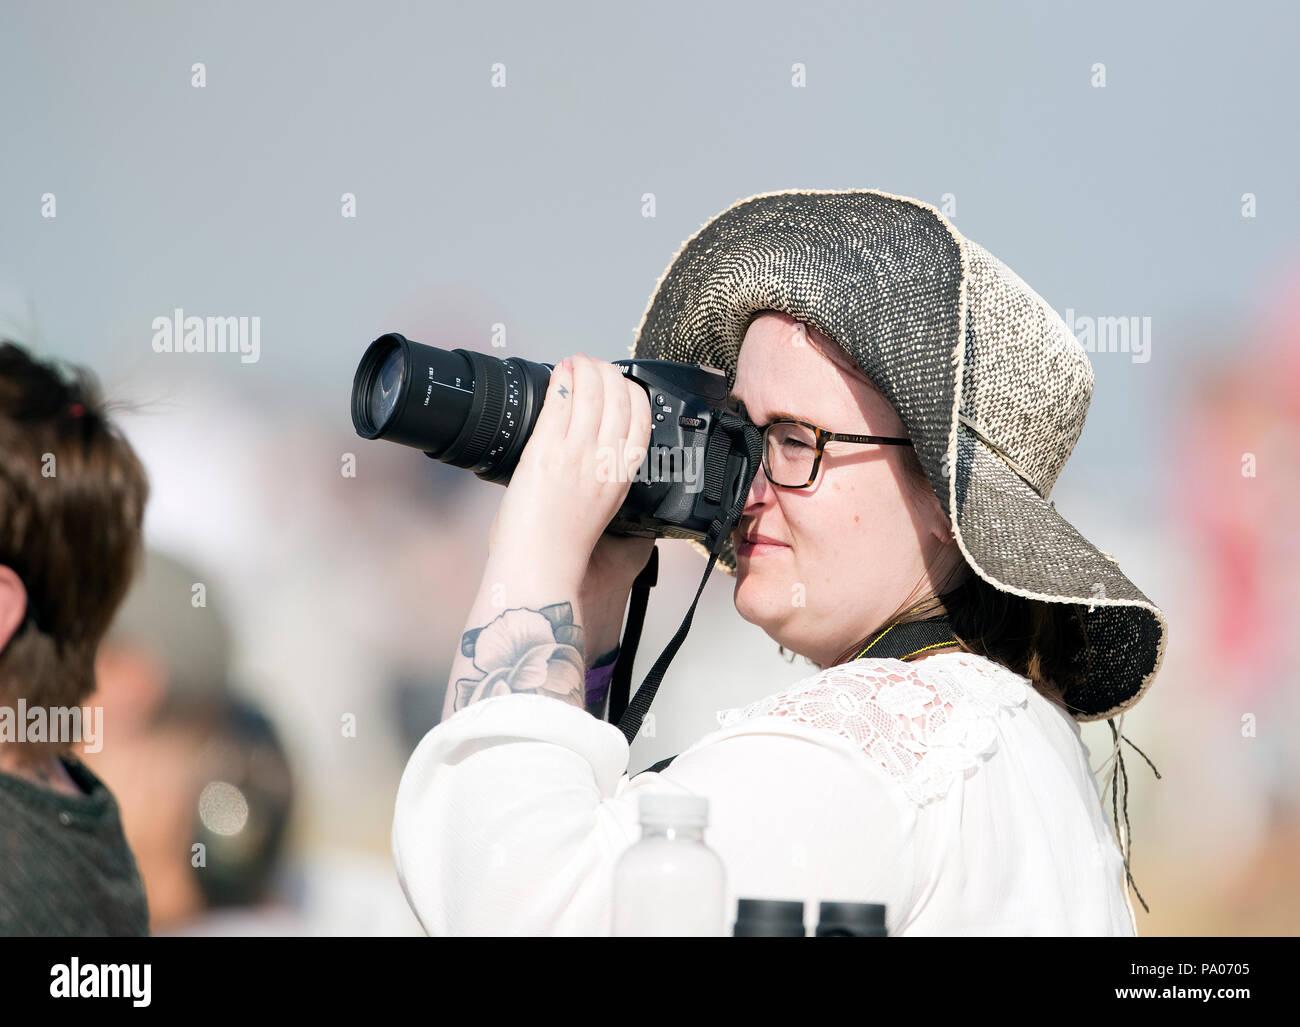 Señora vistiendo sombrero grande fotografiar la RAF Fairford RIAT Air Show  2018 Imagen De Stock d50b768d8900